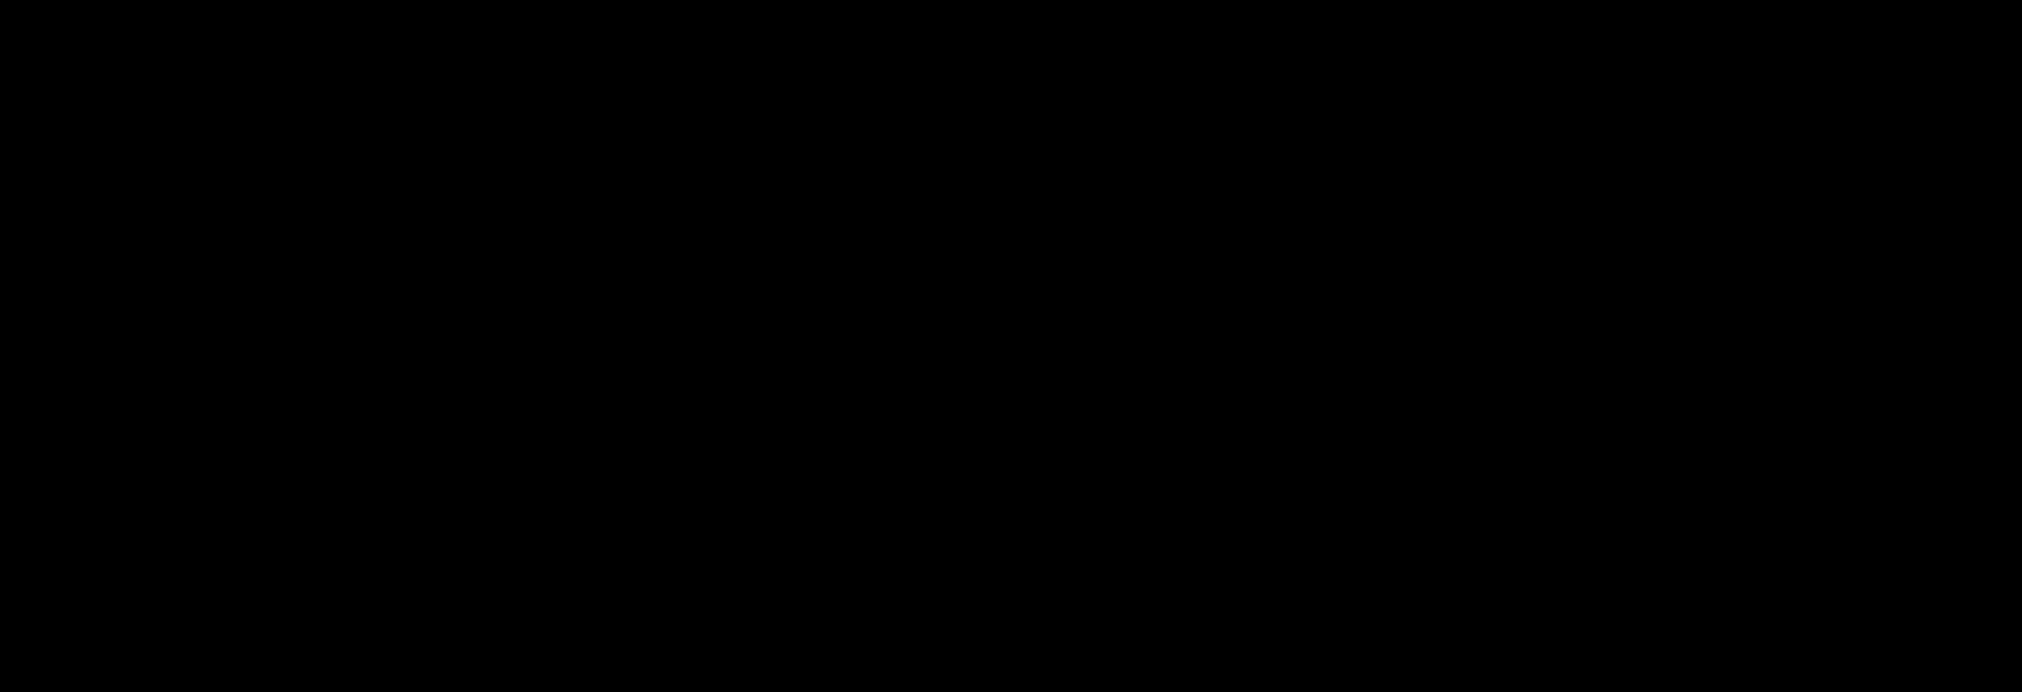 Isoxazole-curcumin